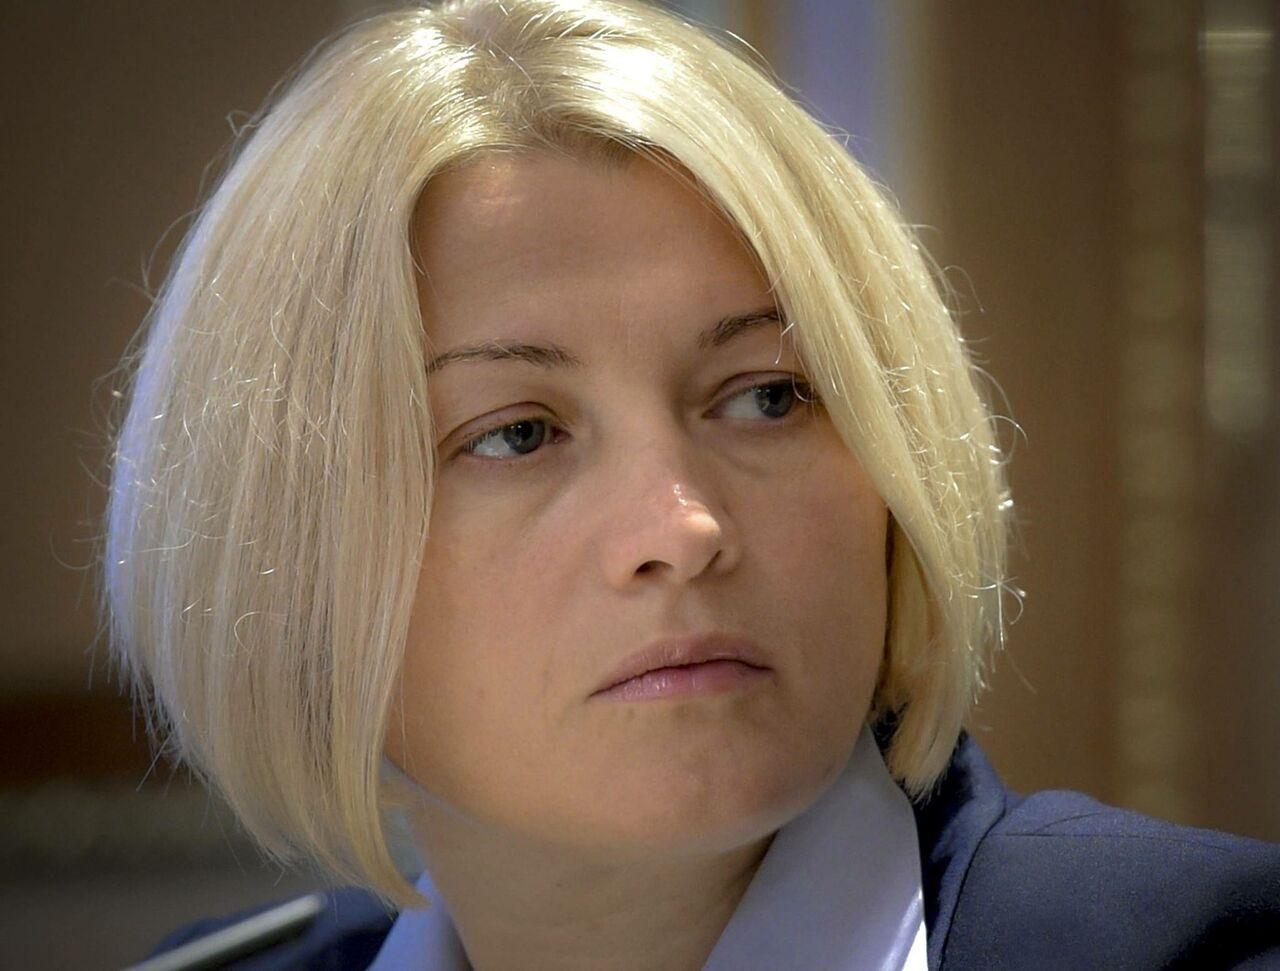 Украина требует от Российской Федерации 30 тыс. краденных вагонов